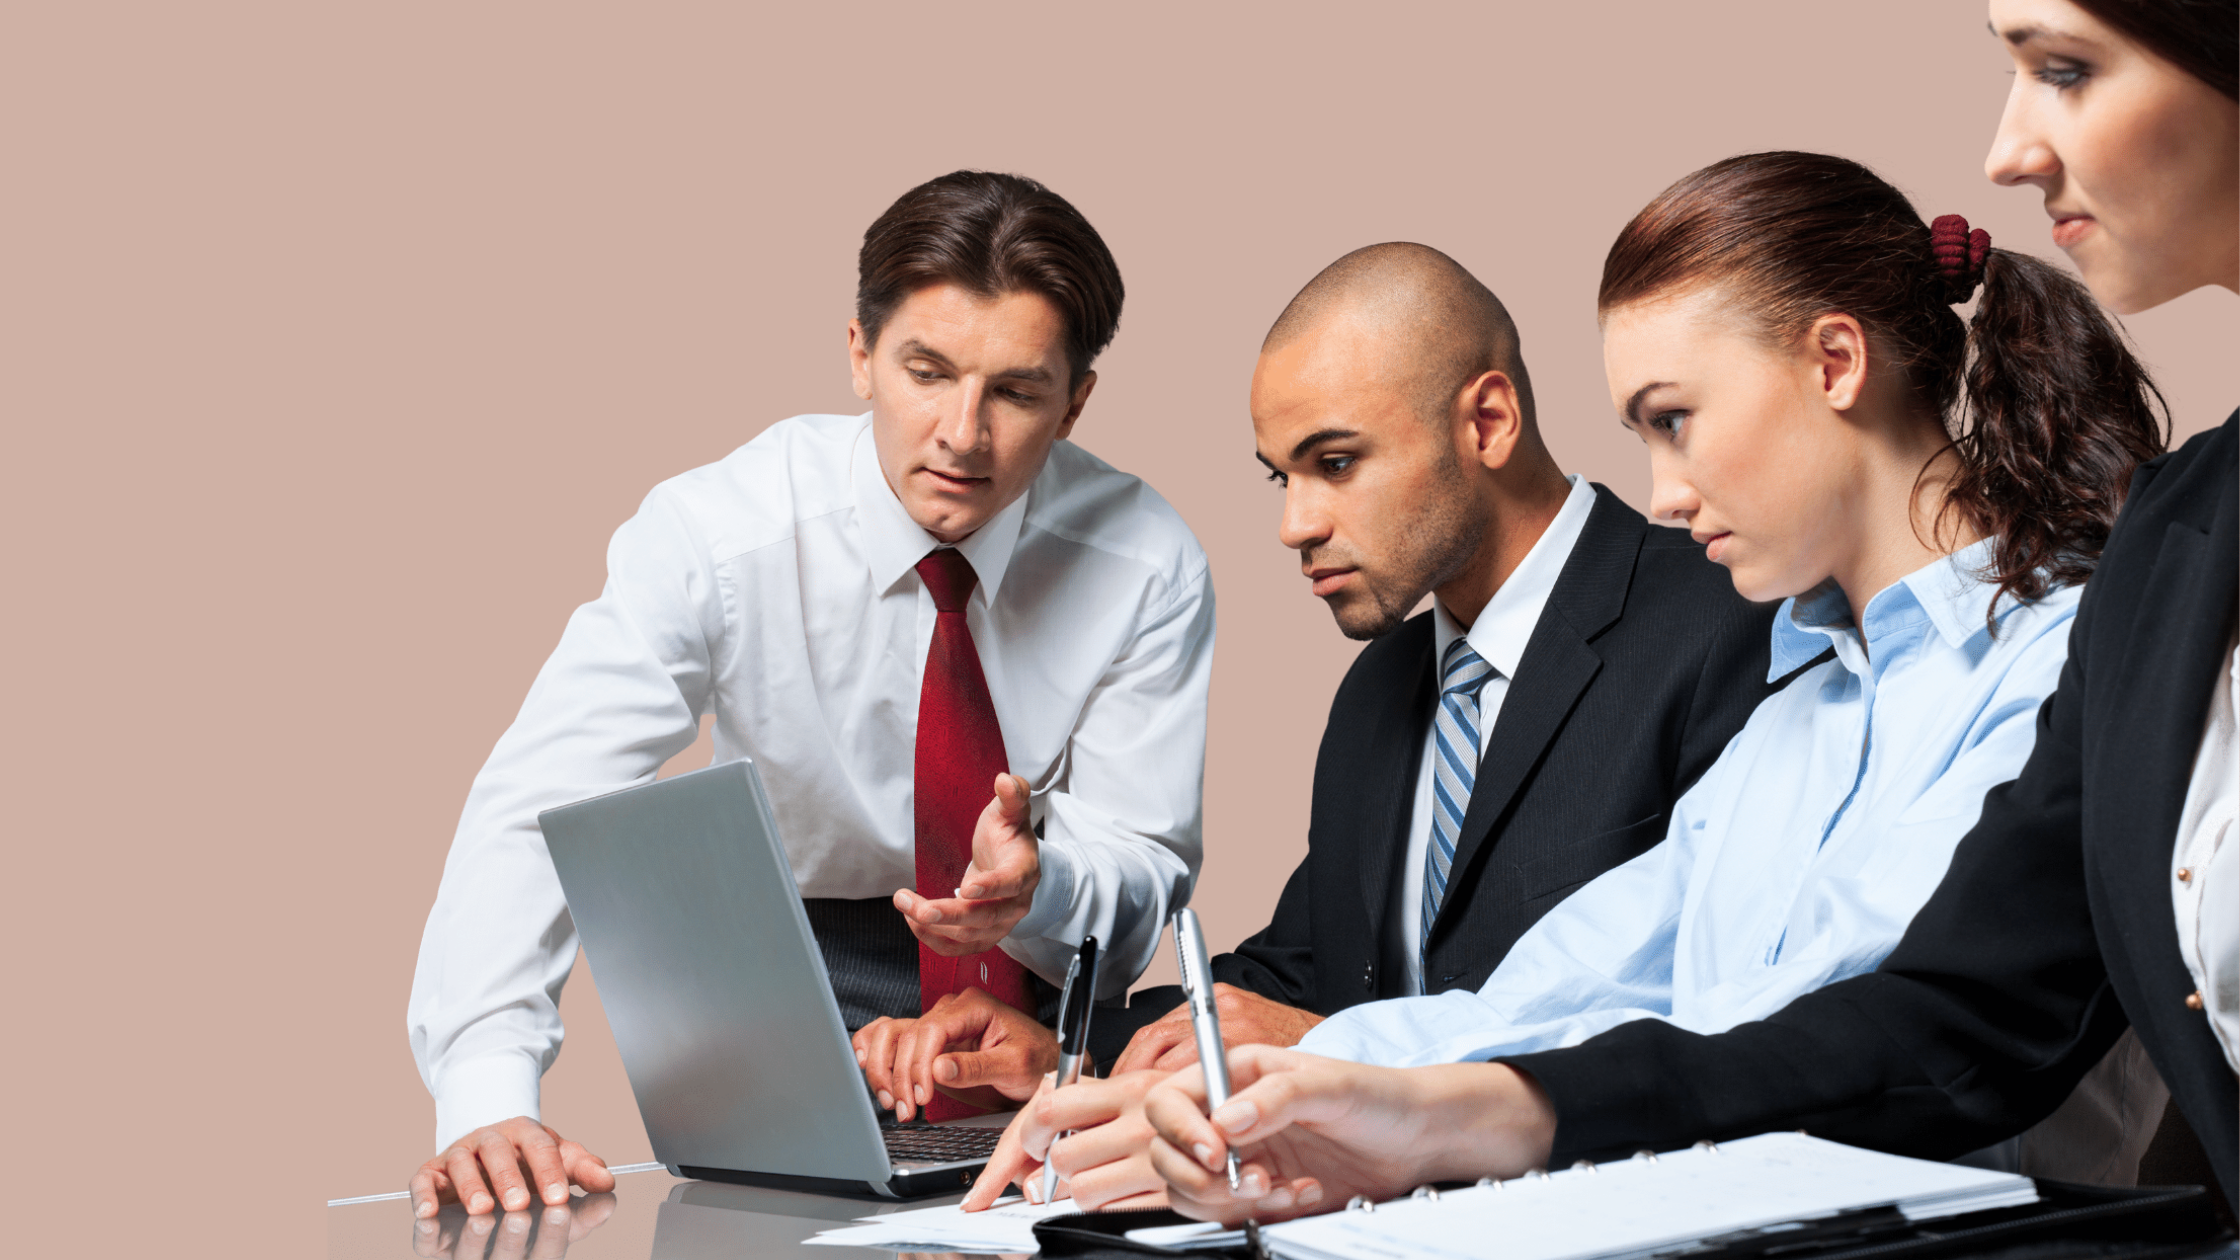 recrutement collaboratif equipe